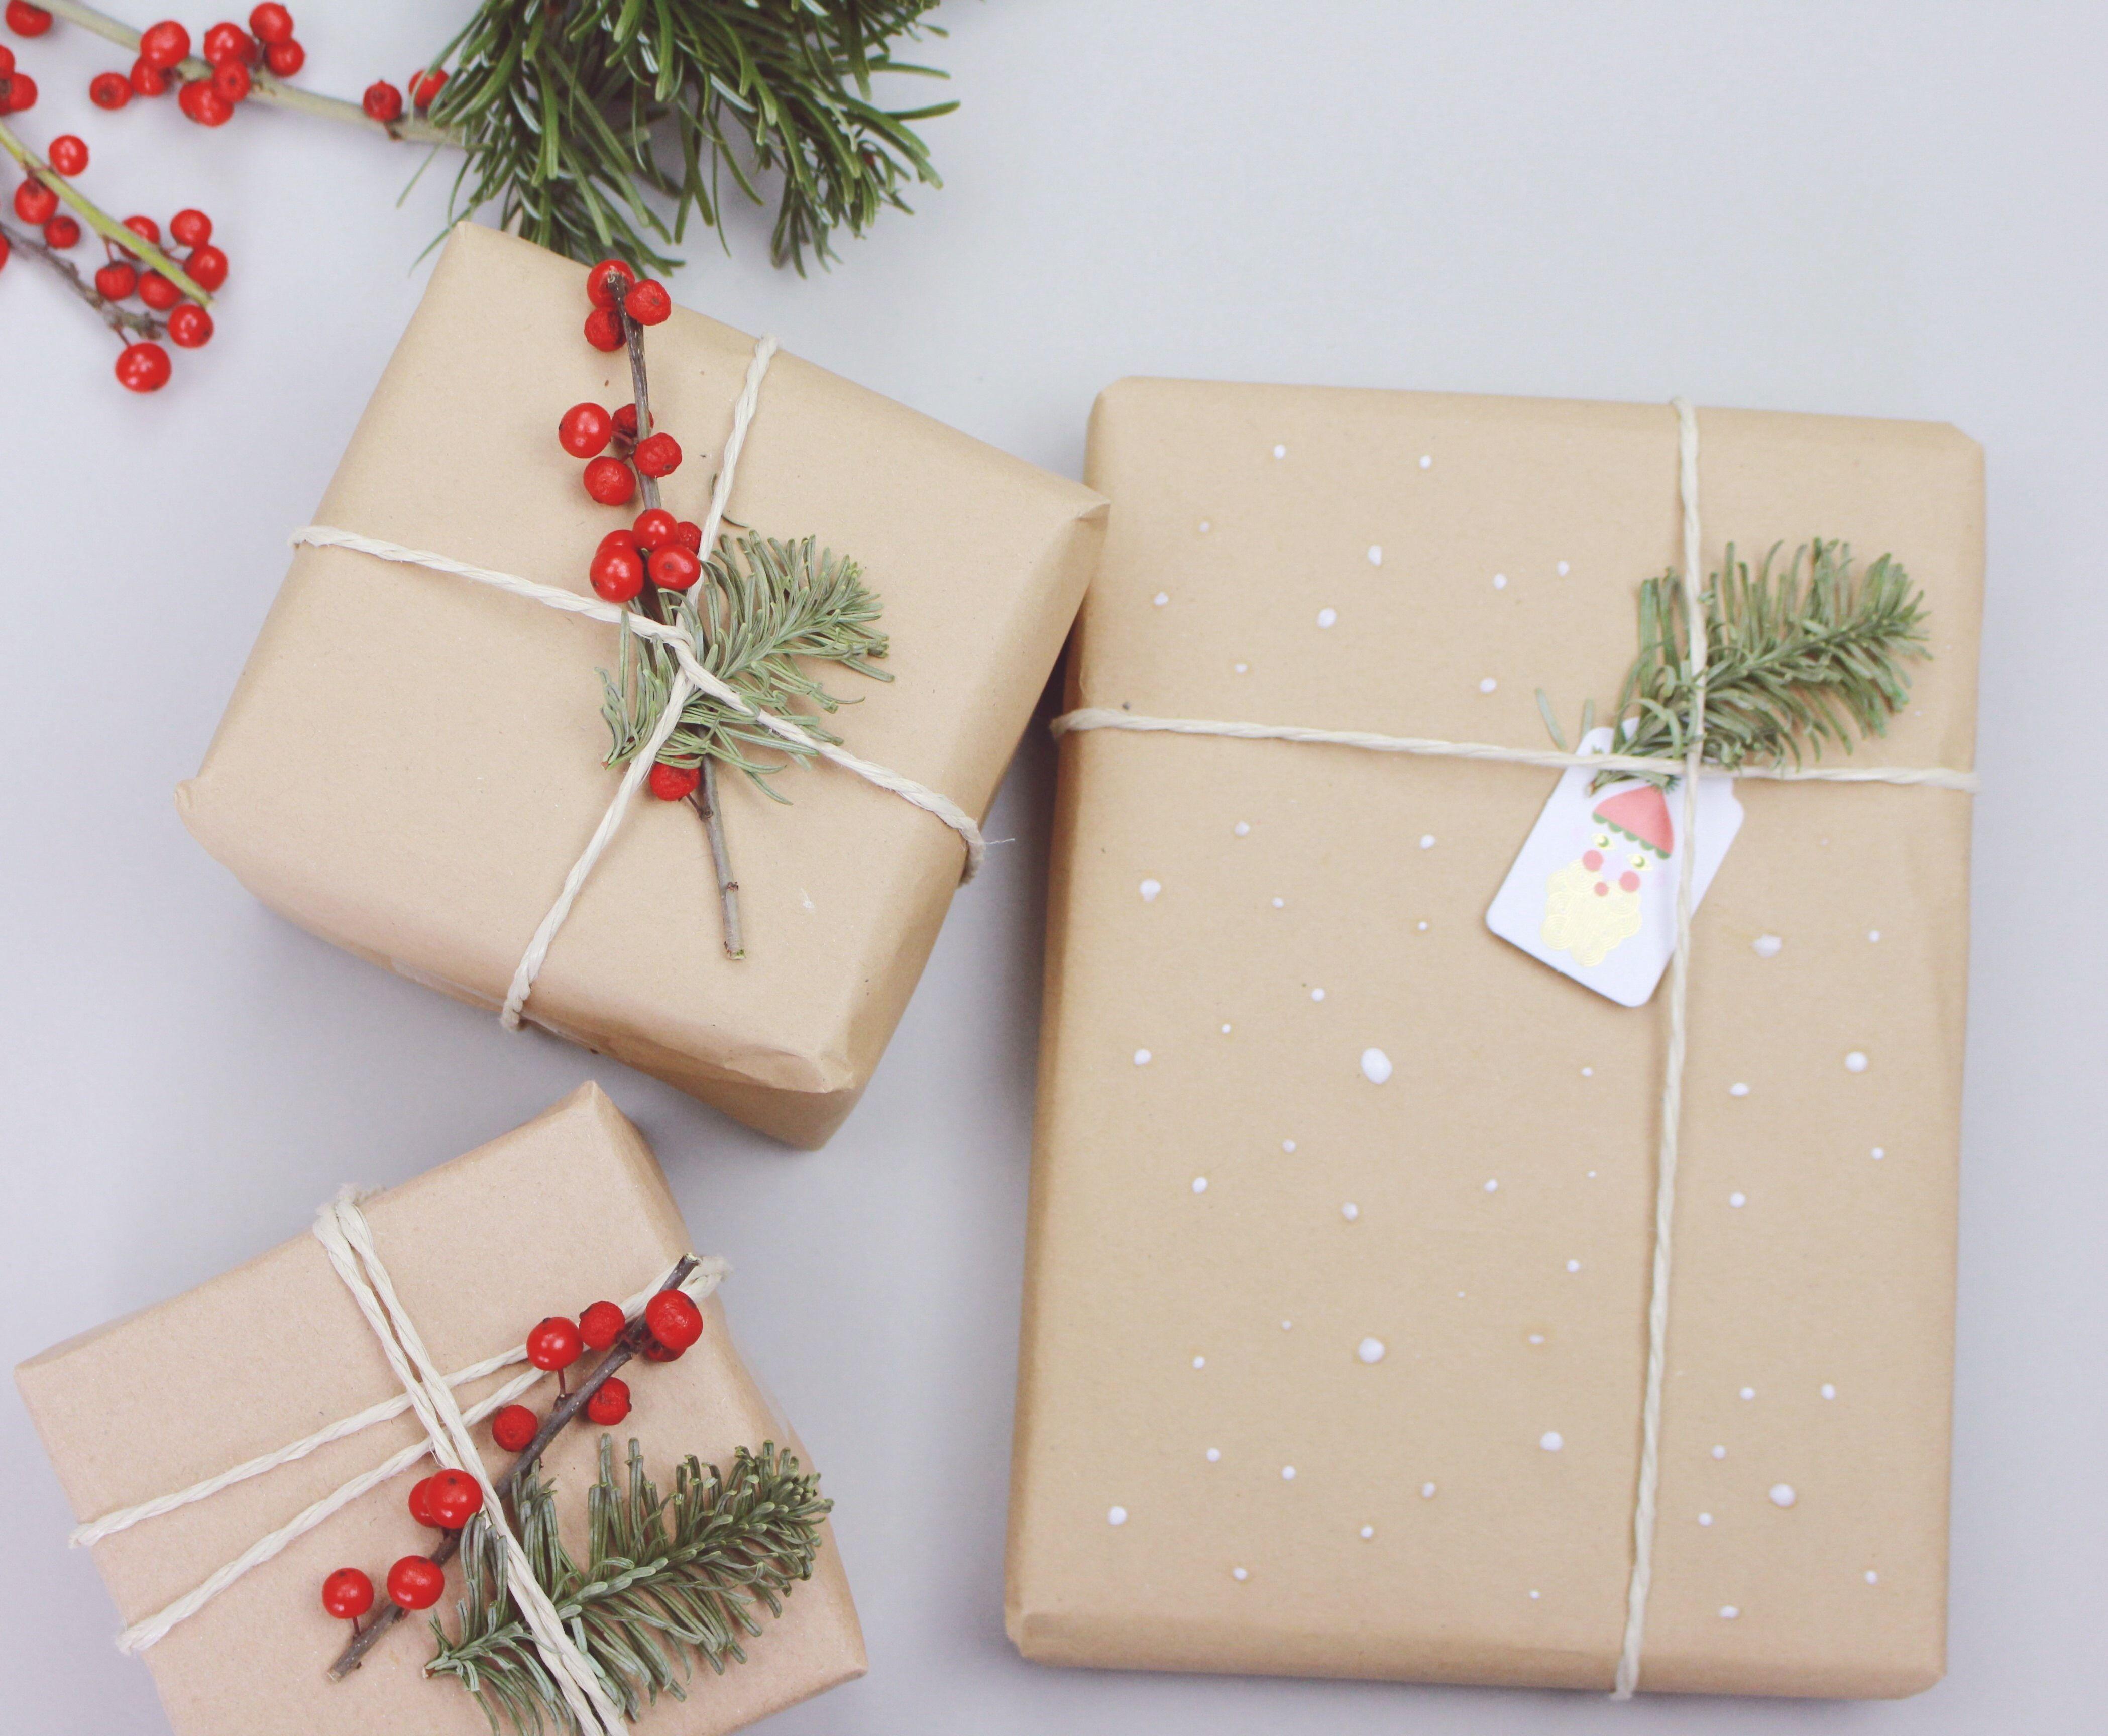 Geschenke verpacken wie bei douglas